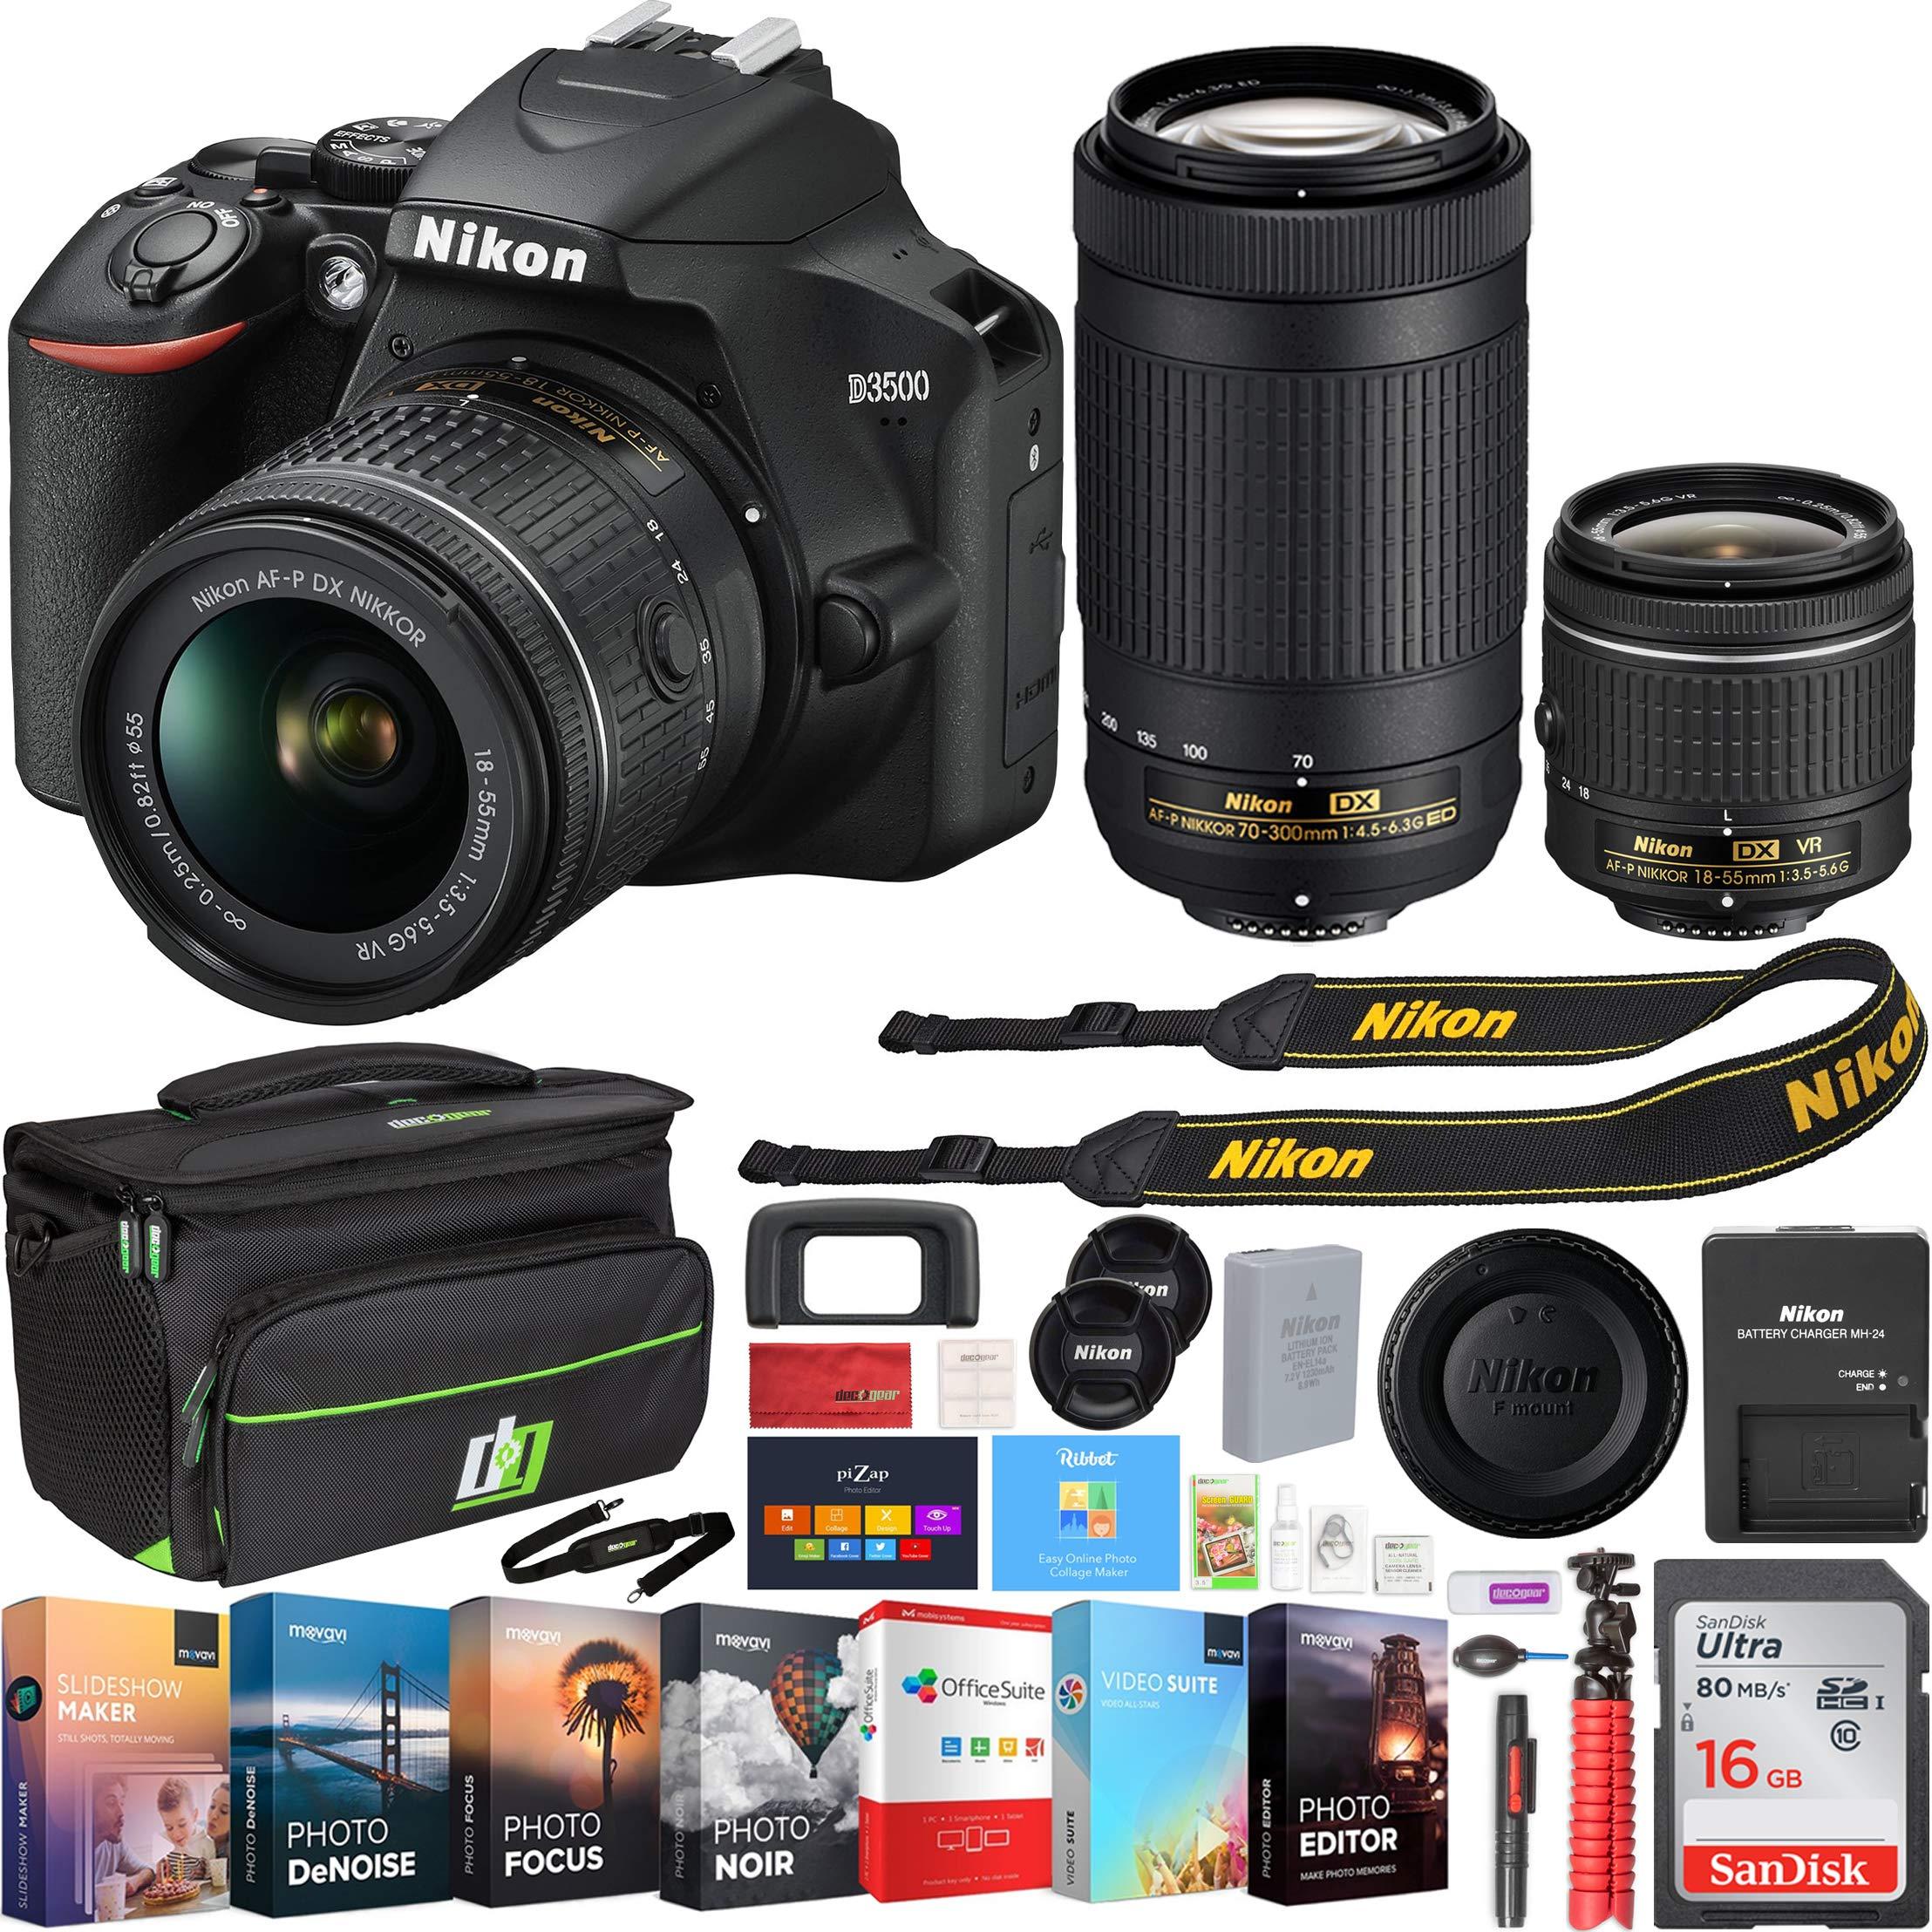 Nikon D3500 24.2MP DSLR Camera w/AF-P 18-55mm VR Lens & 70-300mm Dual Zoom Lens - (Renewed) + 16GB Bundle